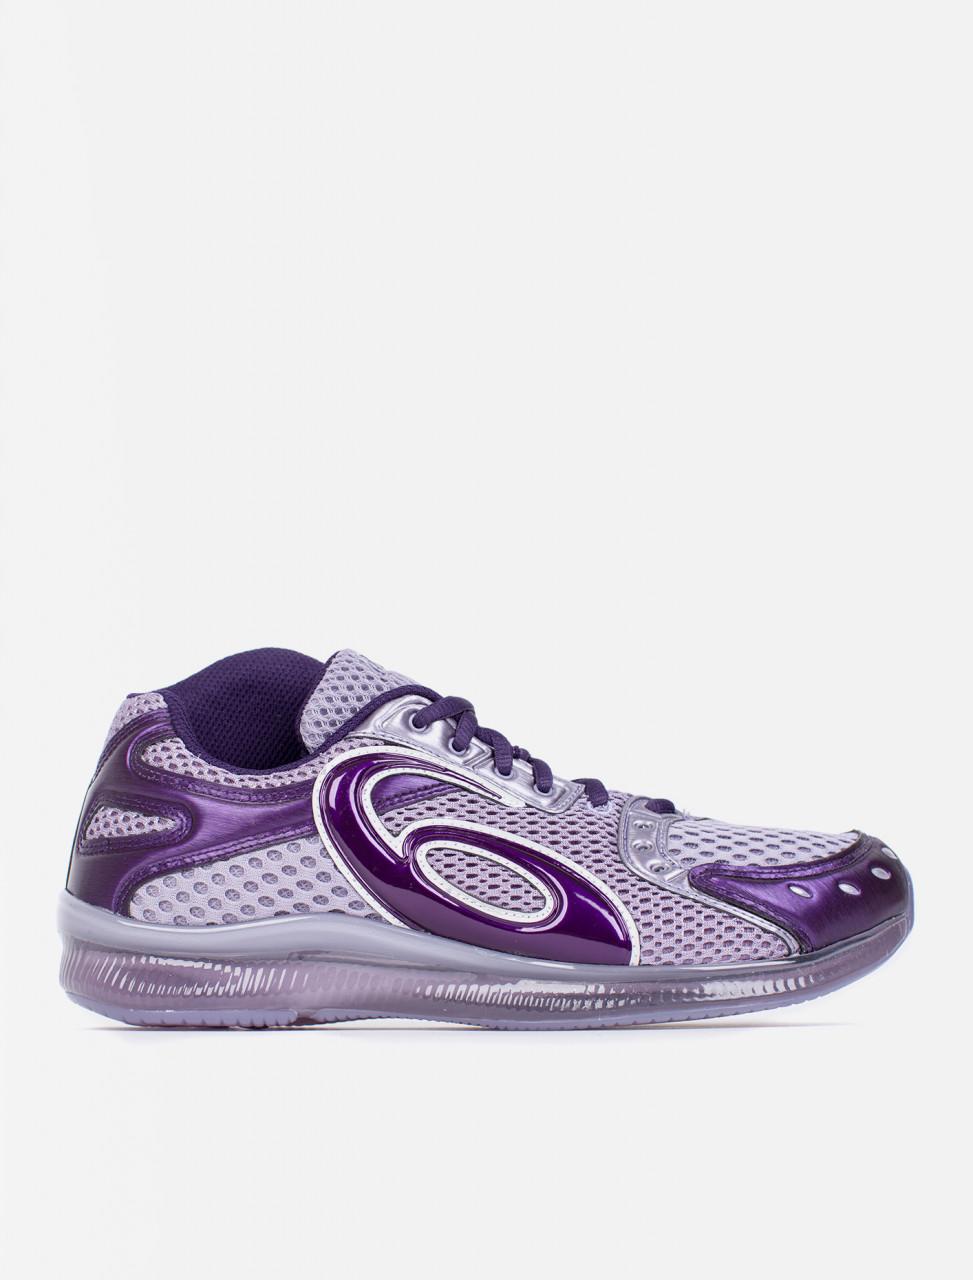 x Kiko Kostadinov Gel-Sokat Infinity Sneaker